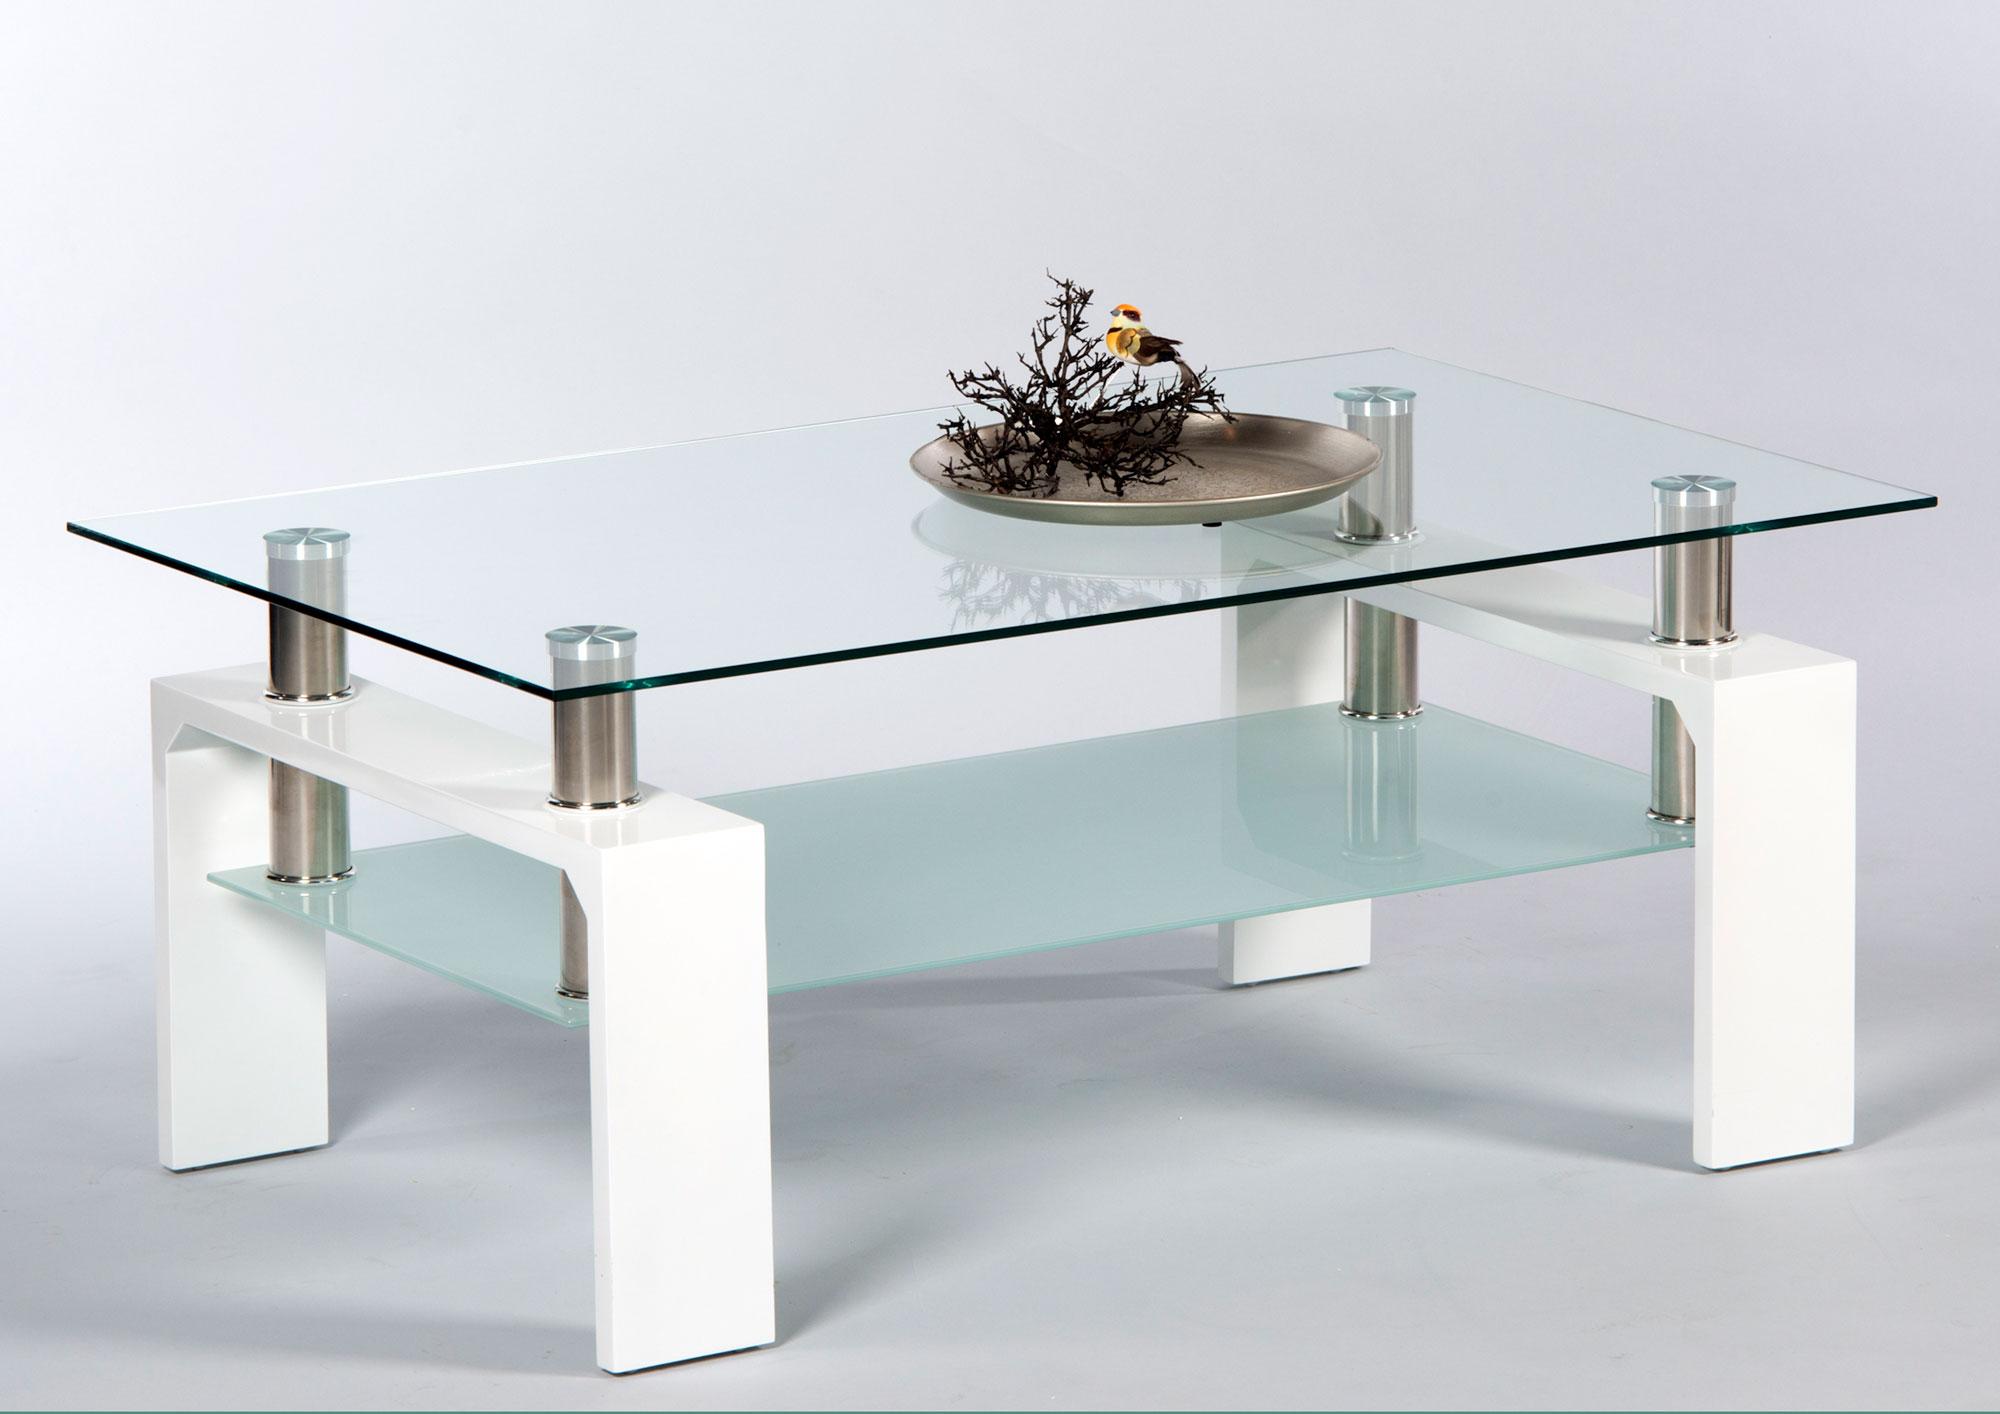 Couchtisch Wohnzimmertisch Sofatisch Tisch Weiß Lack Glas Edelstahl